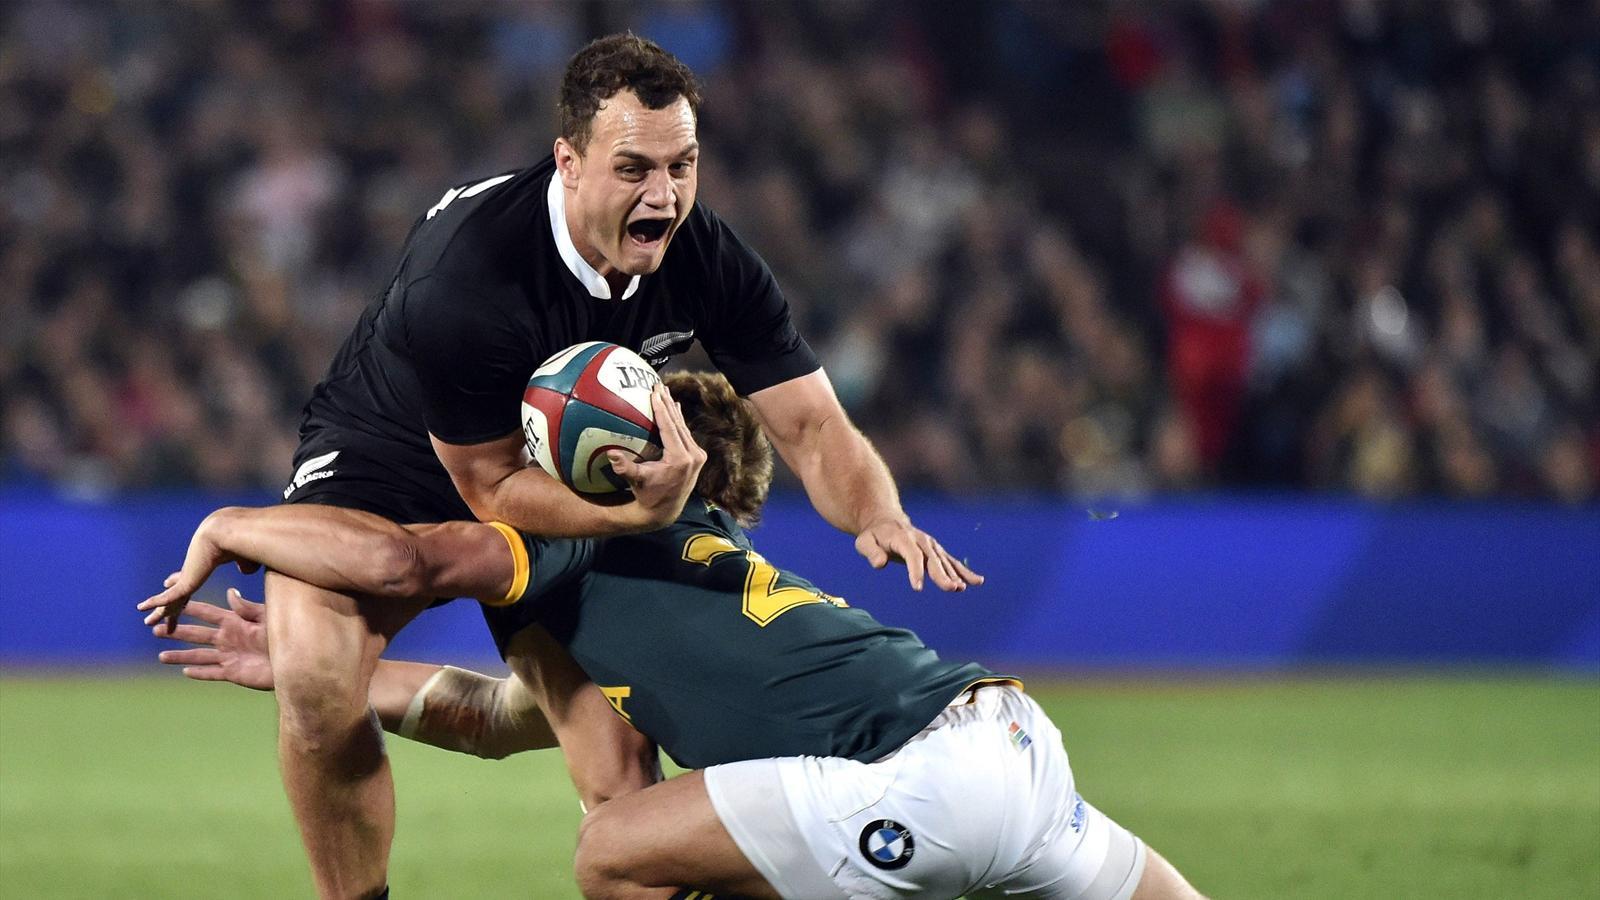 L'arrière des All Blacks, Israel Dagg, face à l'Afrique du Sud en 2014